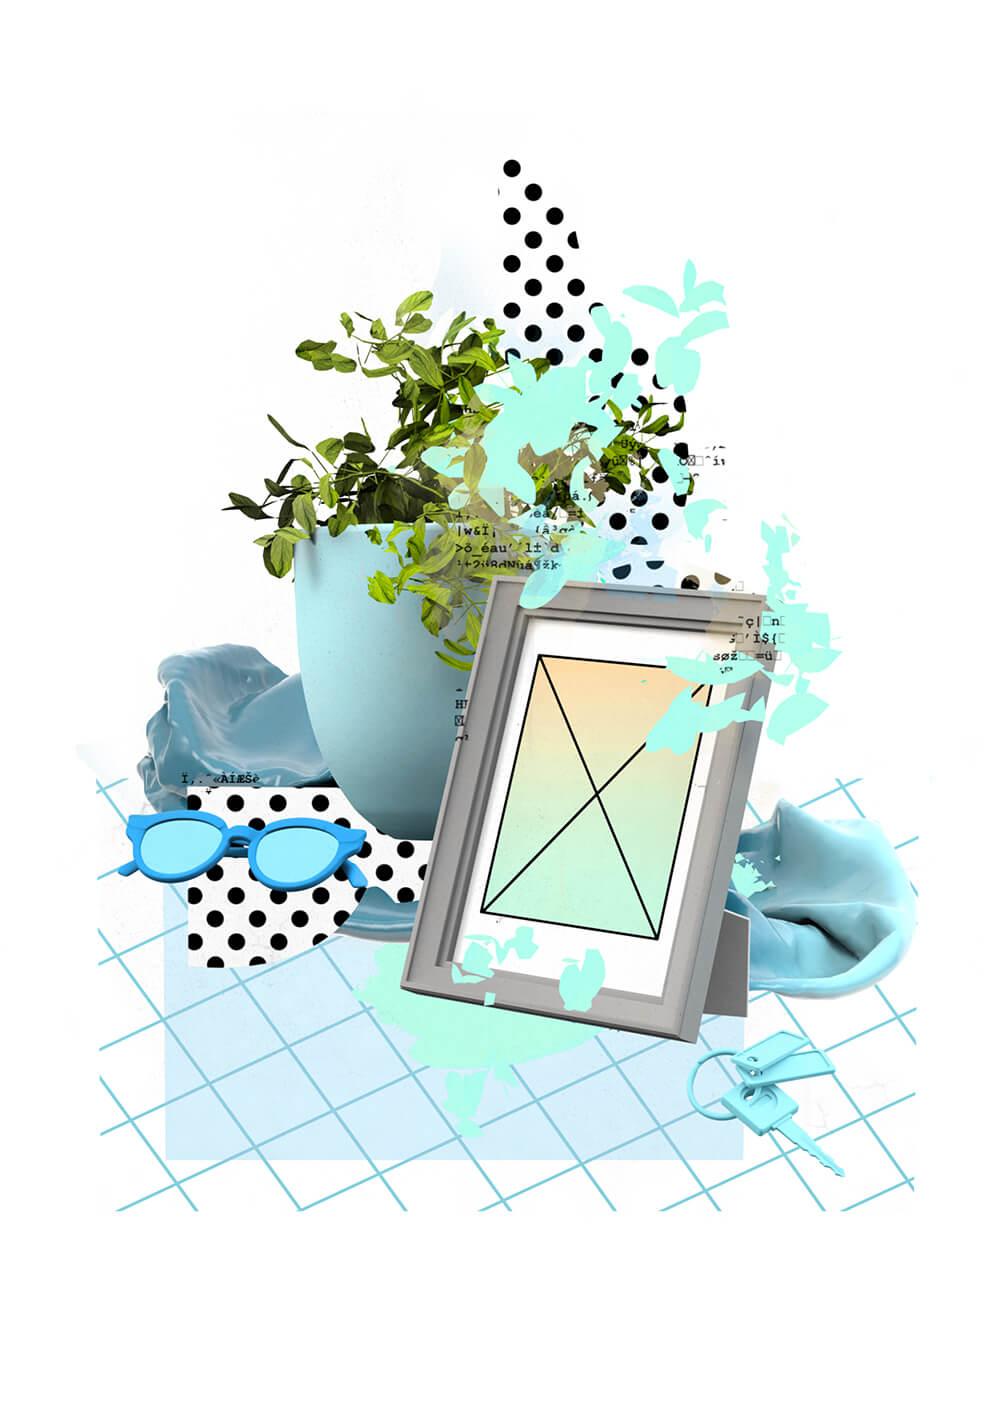 Still Life Image Frame